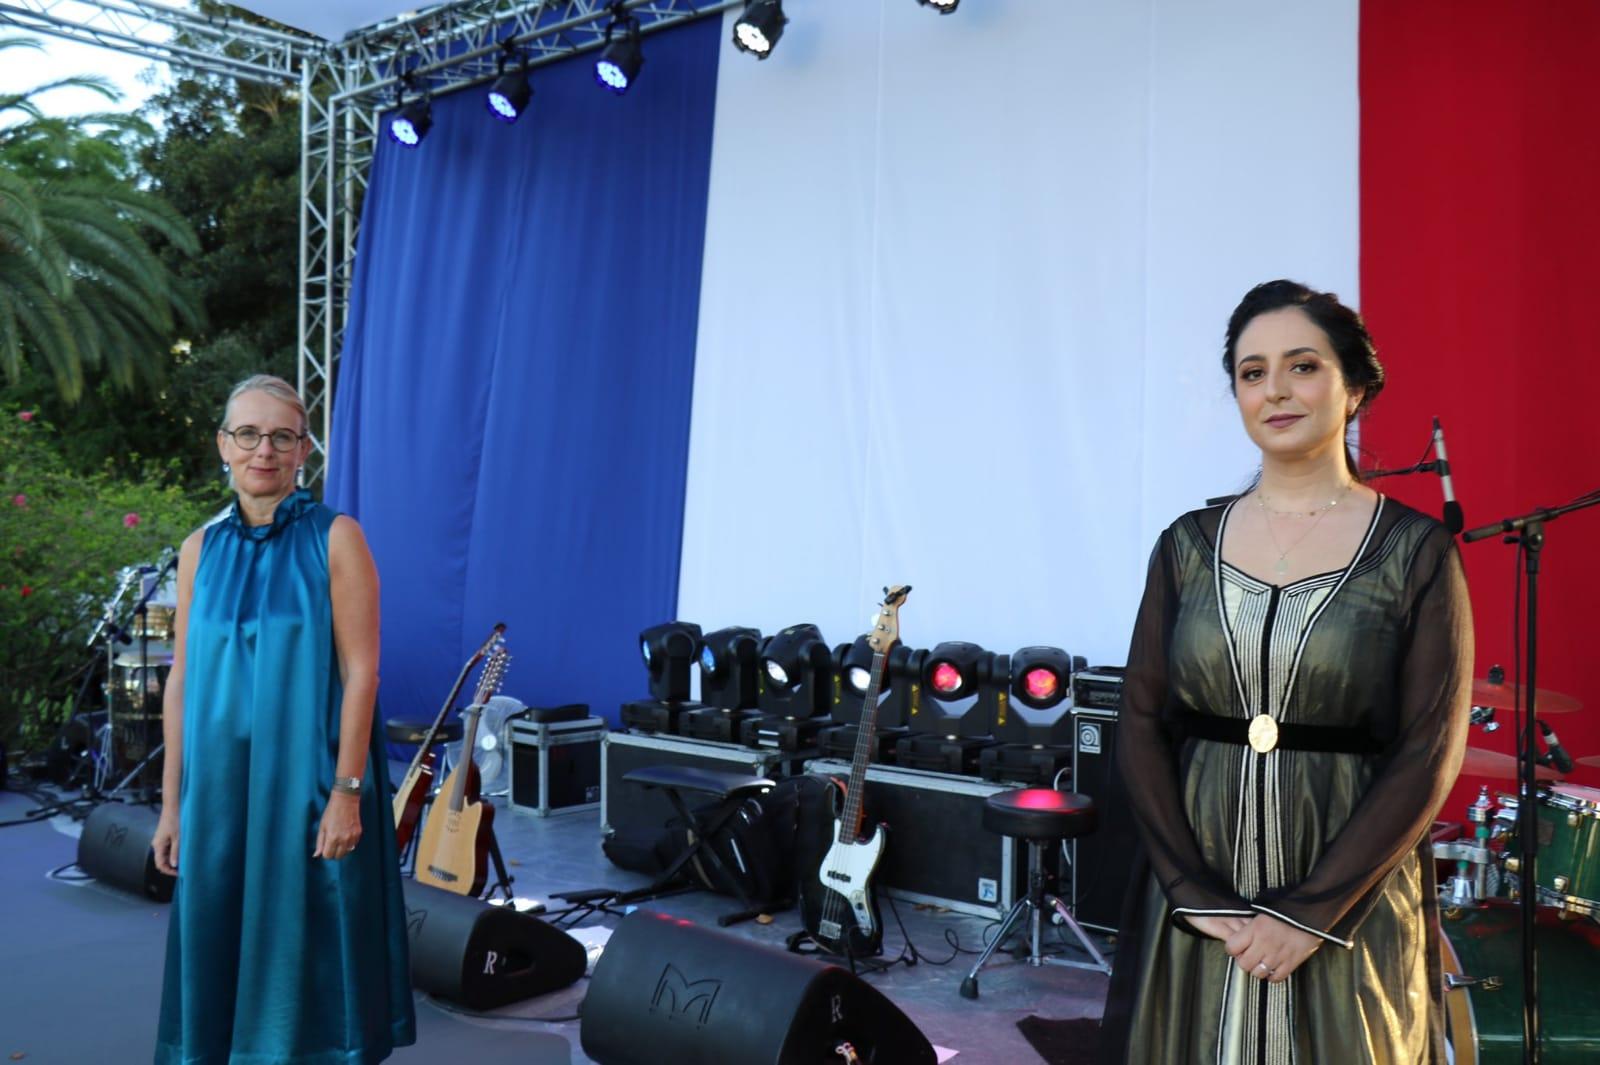 L'ambassadrice de France célèbre l'amitié franco-marocaine à l'occasion de la fête nationale de la Bastille